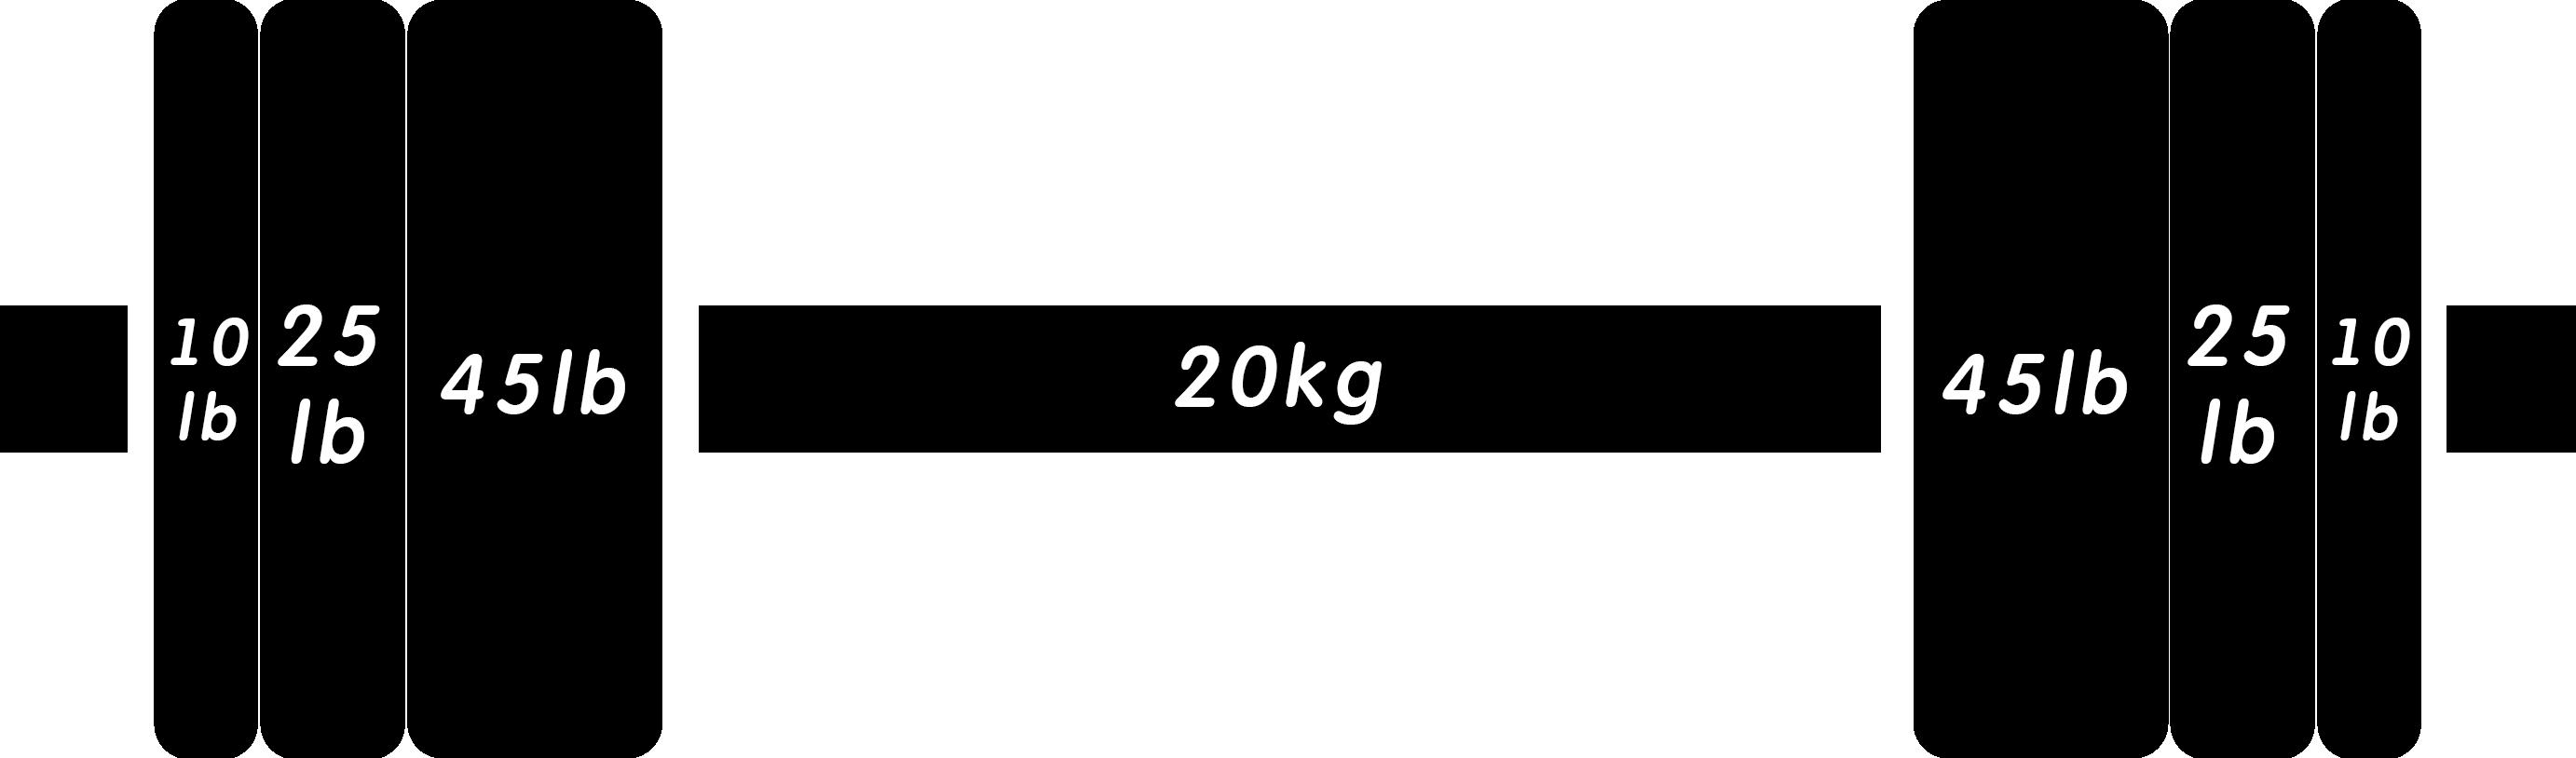 バーベル205lb(ポンド)